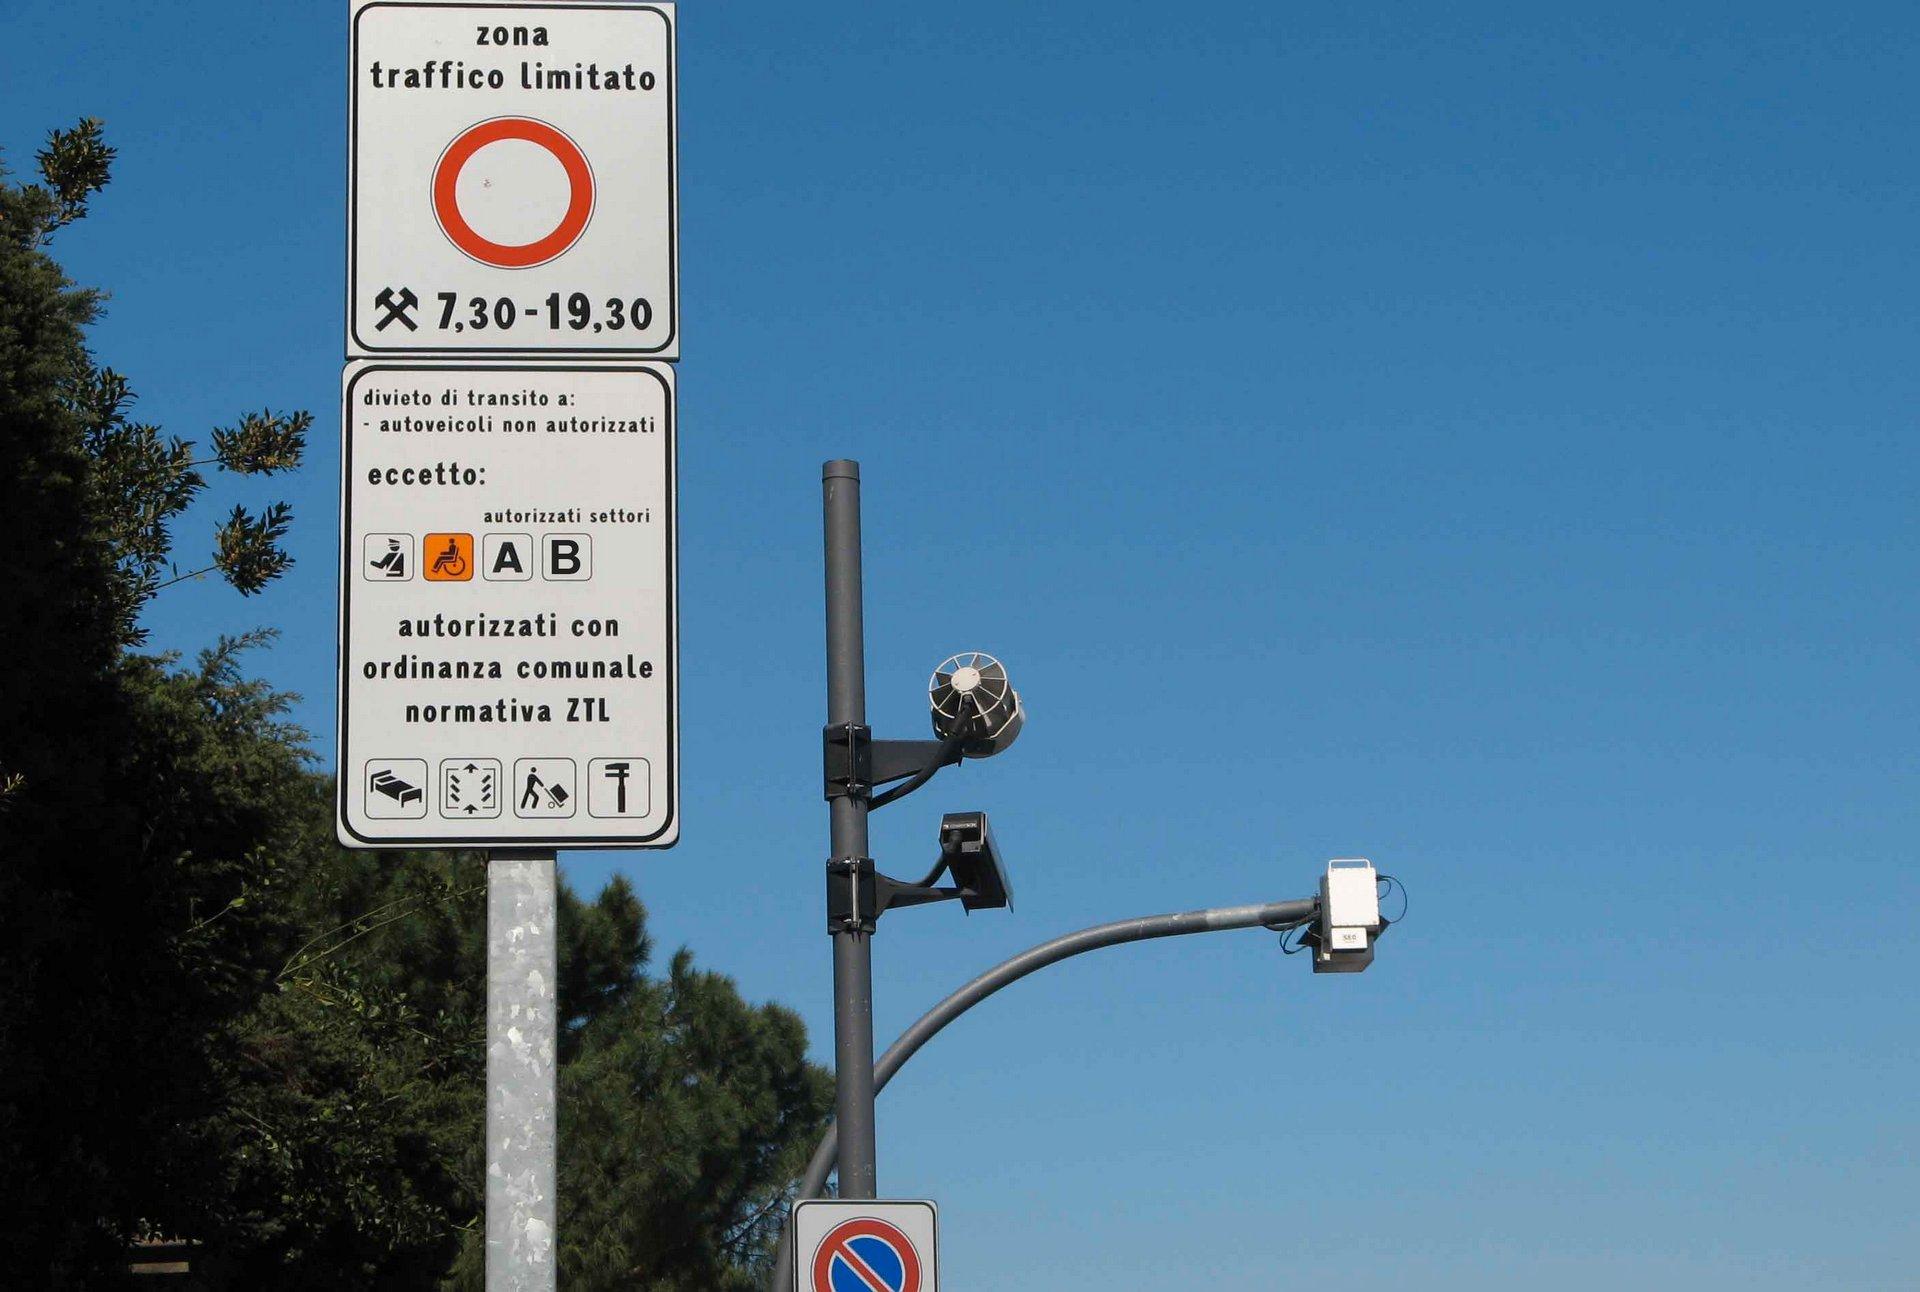 Schemi Elettrici Automobili Gratis : In liguria bollo gratuito per le auto ibride ed elettriche lifegate